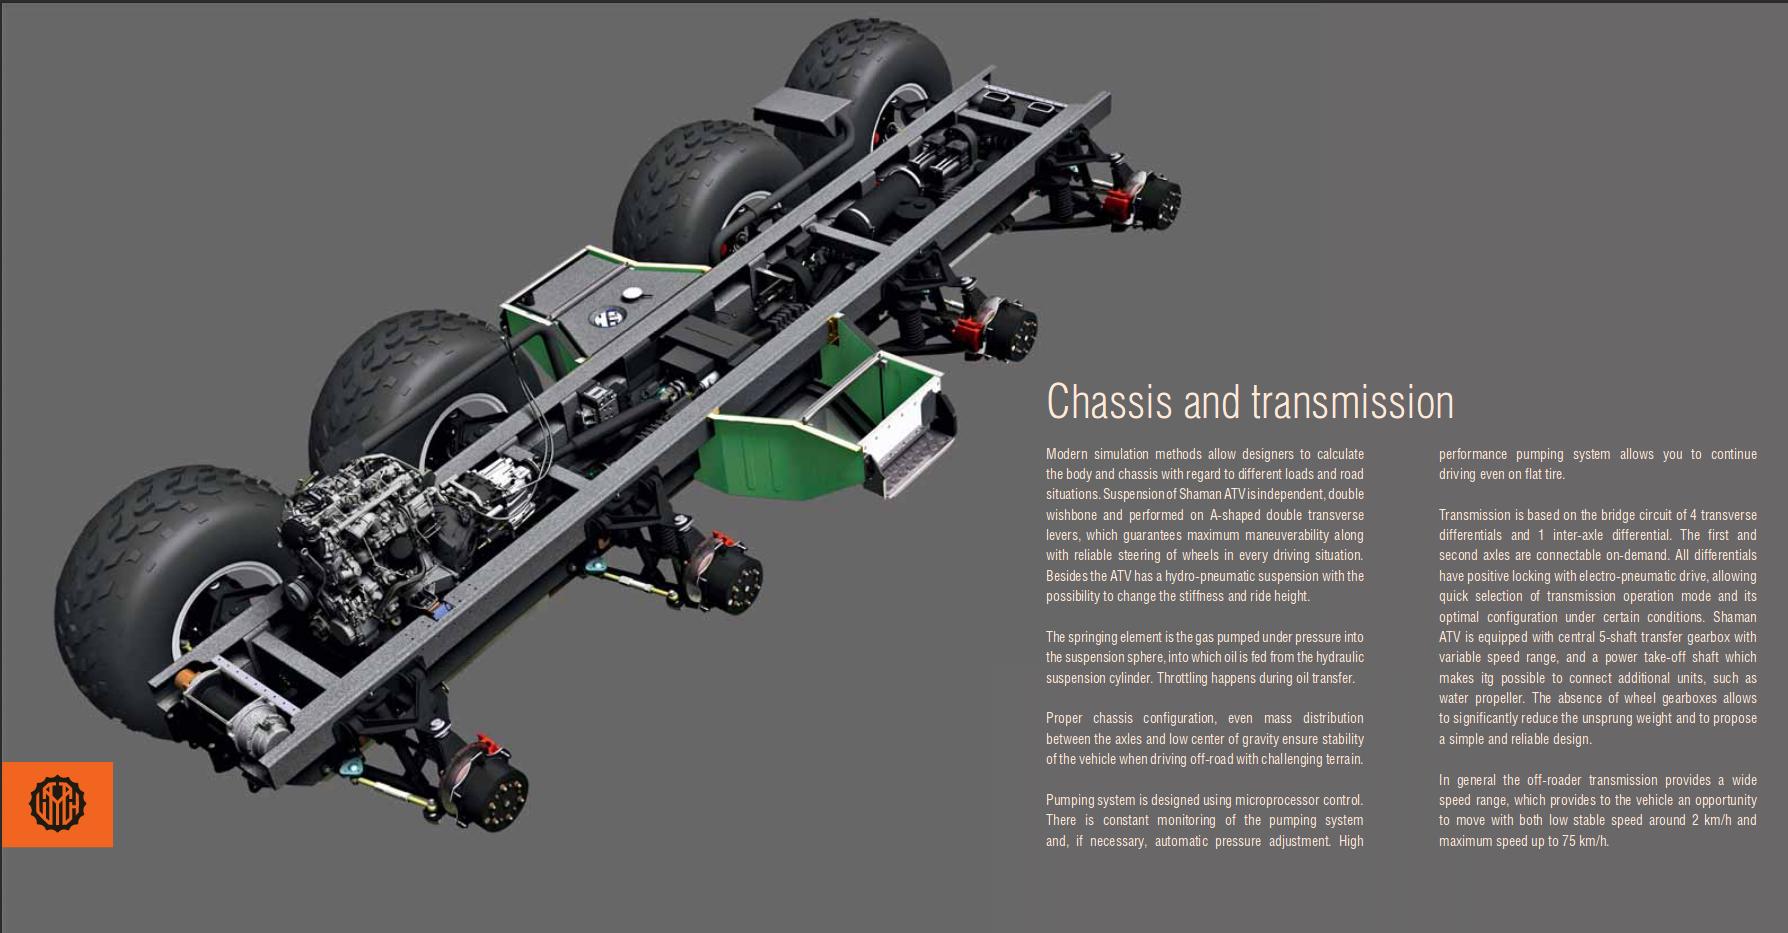 Avtoros Shaman chassis suspension transmission